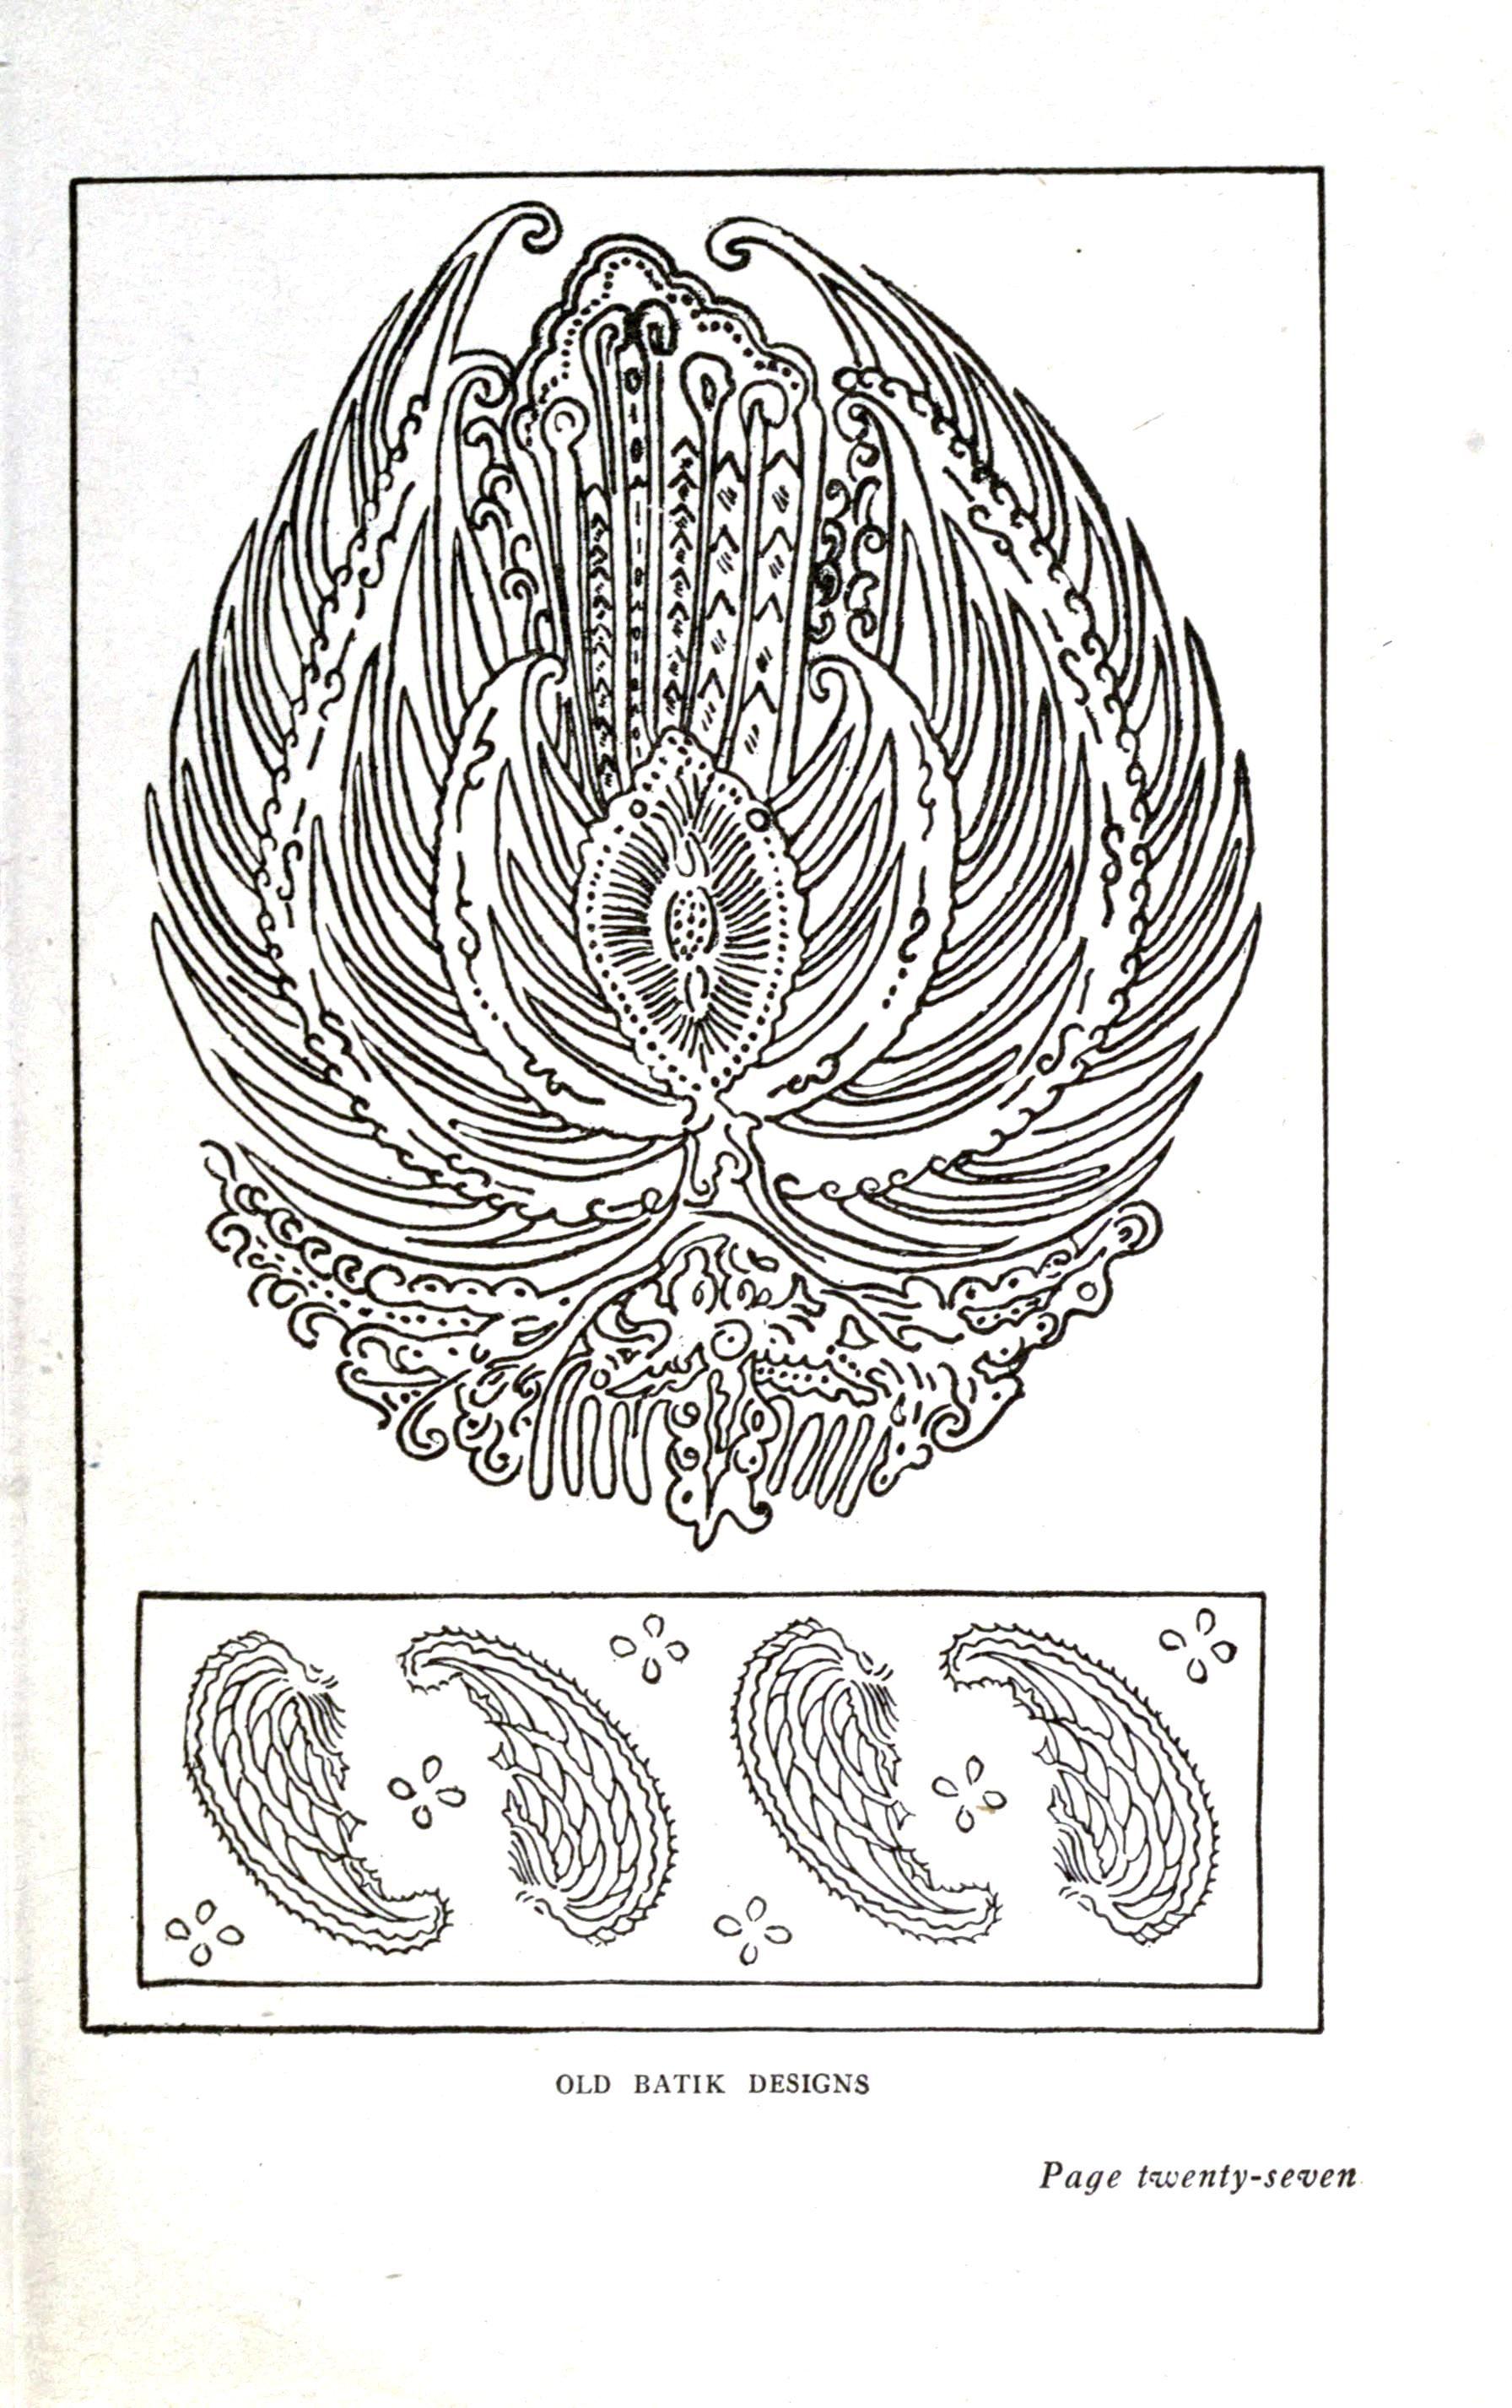 Old Batik Designs Public Domain